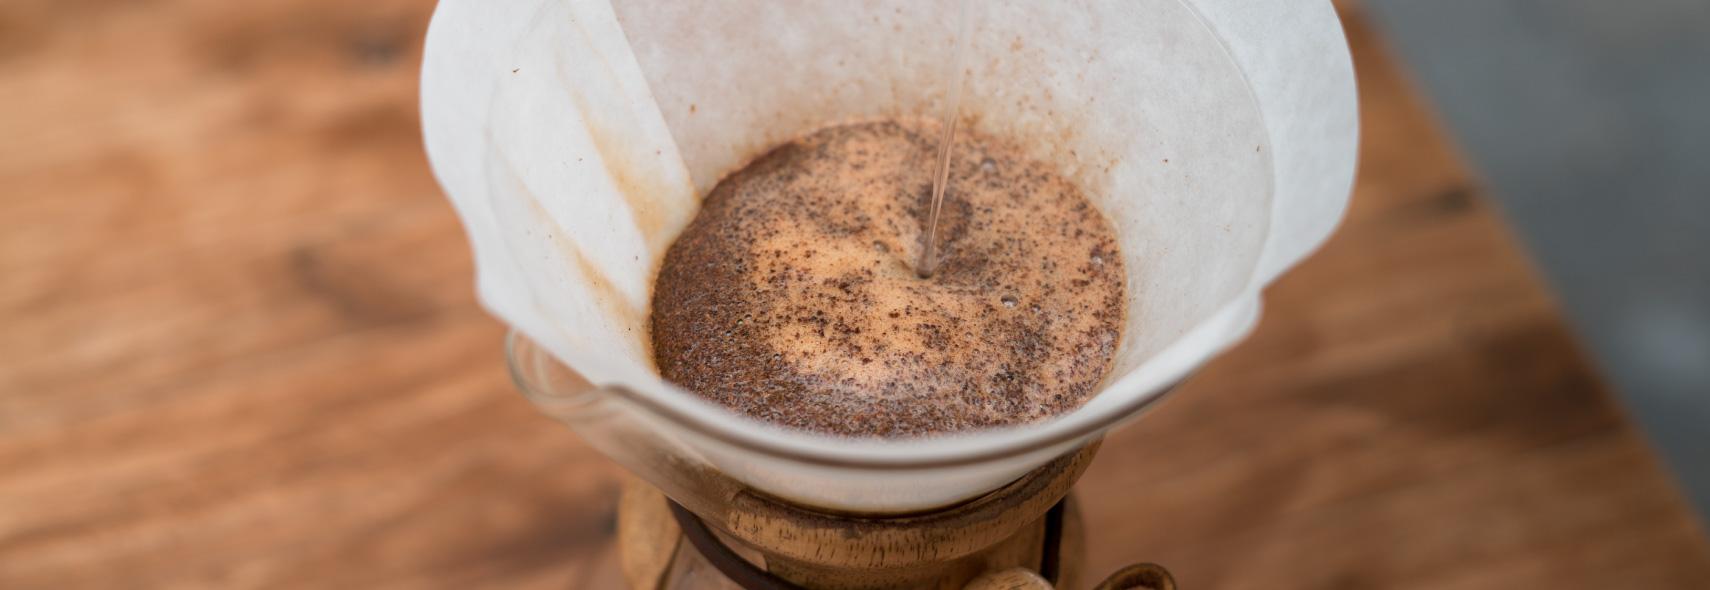 Barista preparando cafe con una chemex